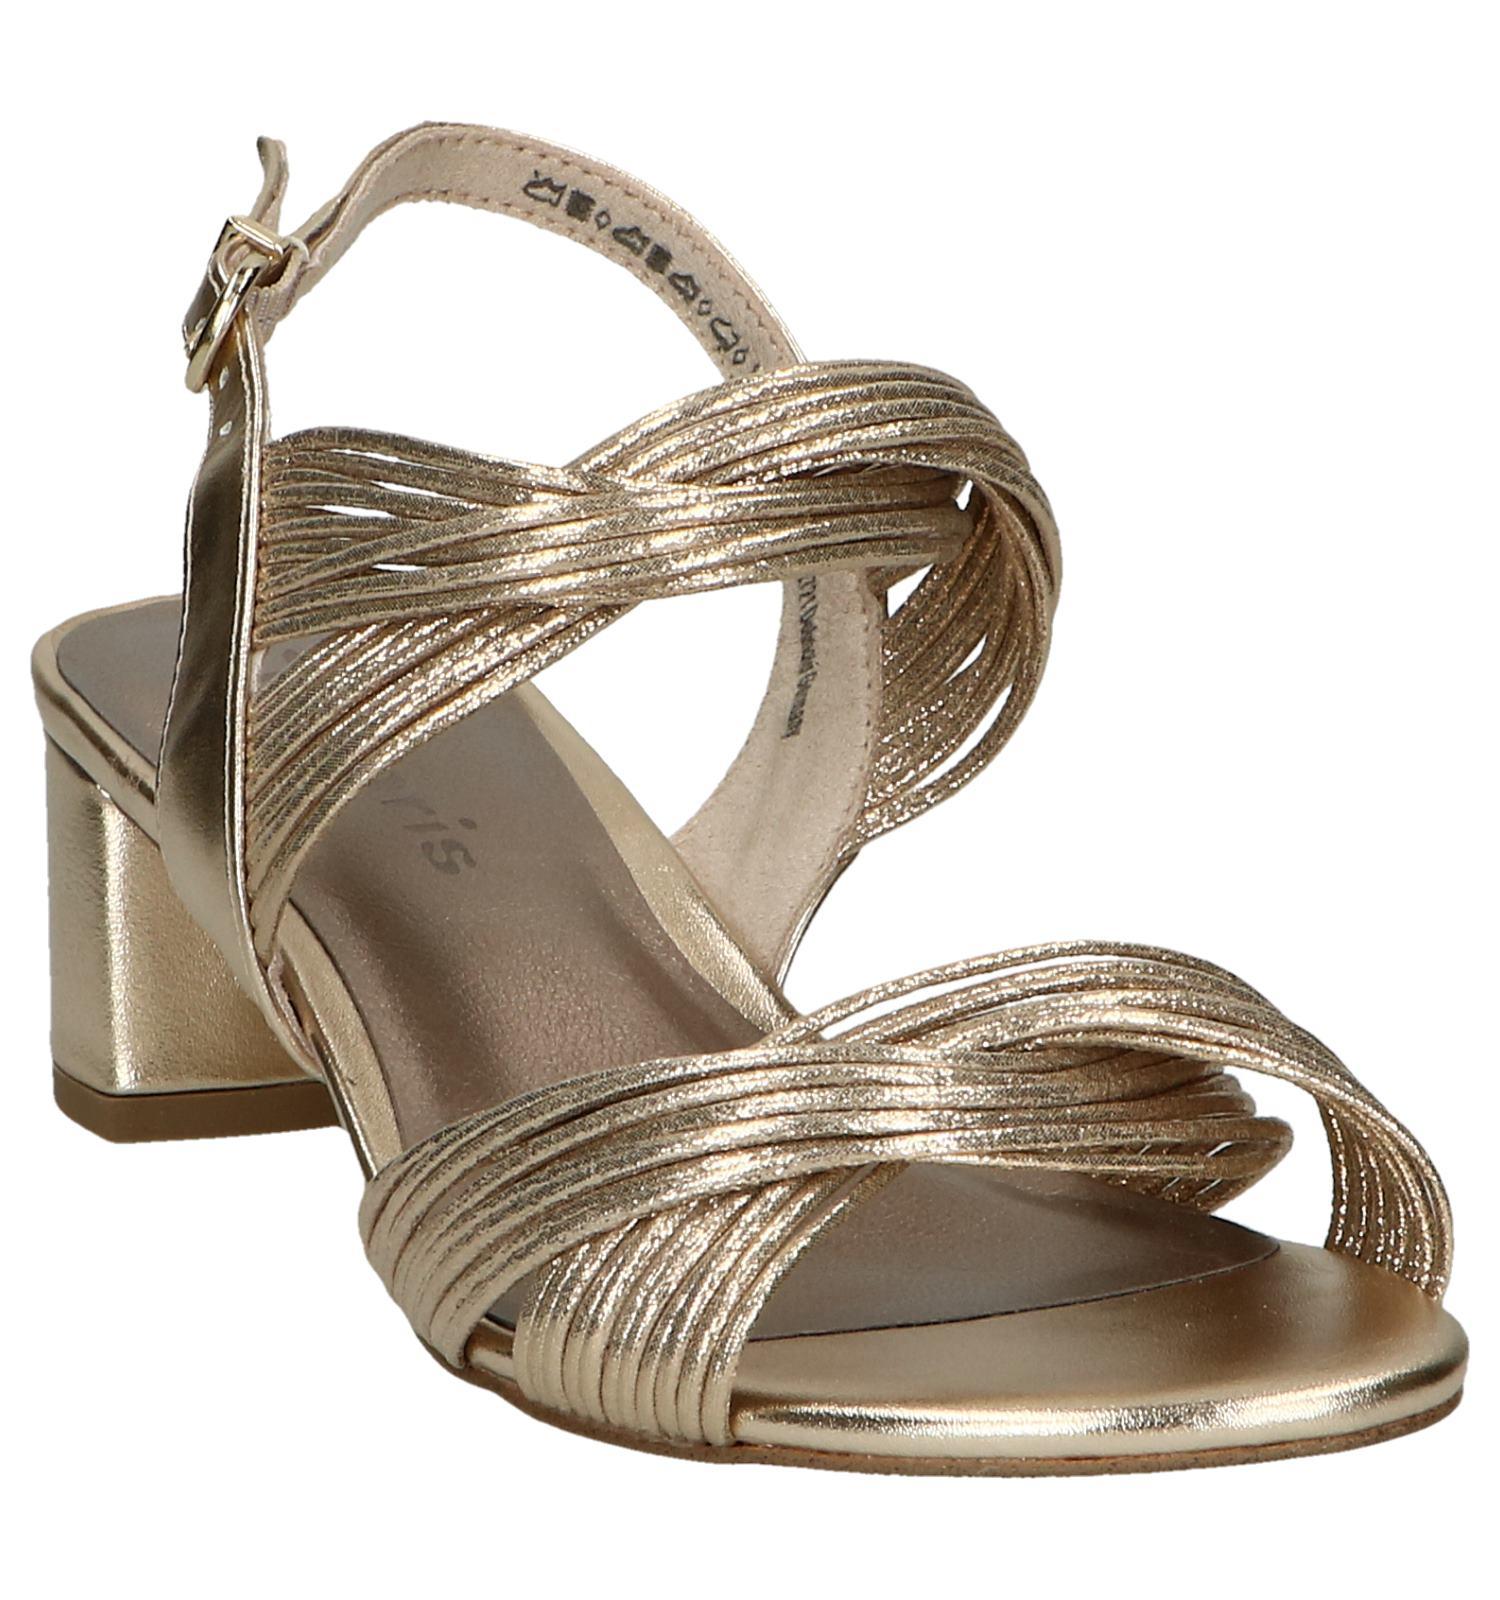 Sandalen Sandalen Sandalen Tamaris Tamaris Tamaris Gouden Gouden Gouden Sandalen Gouden Sandalen Tamaris Gouden 354RqAjL